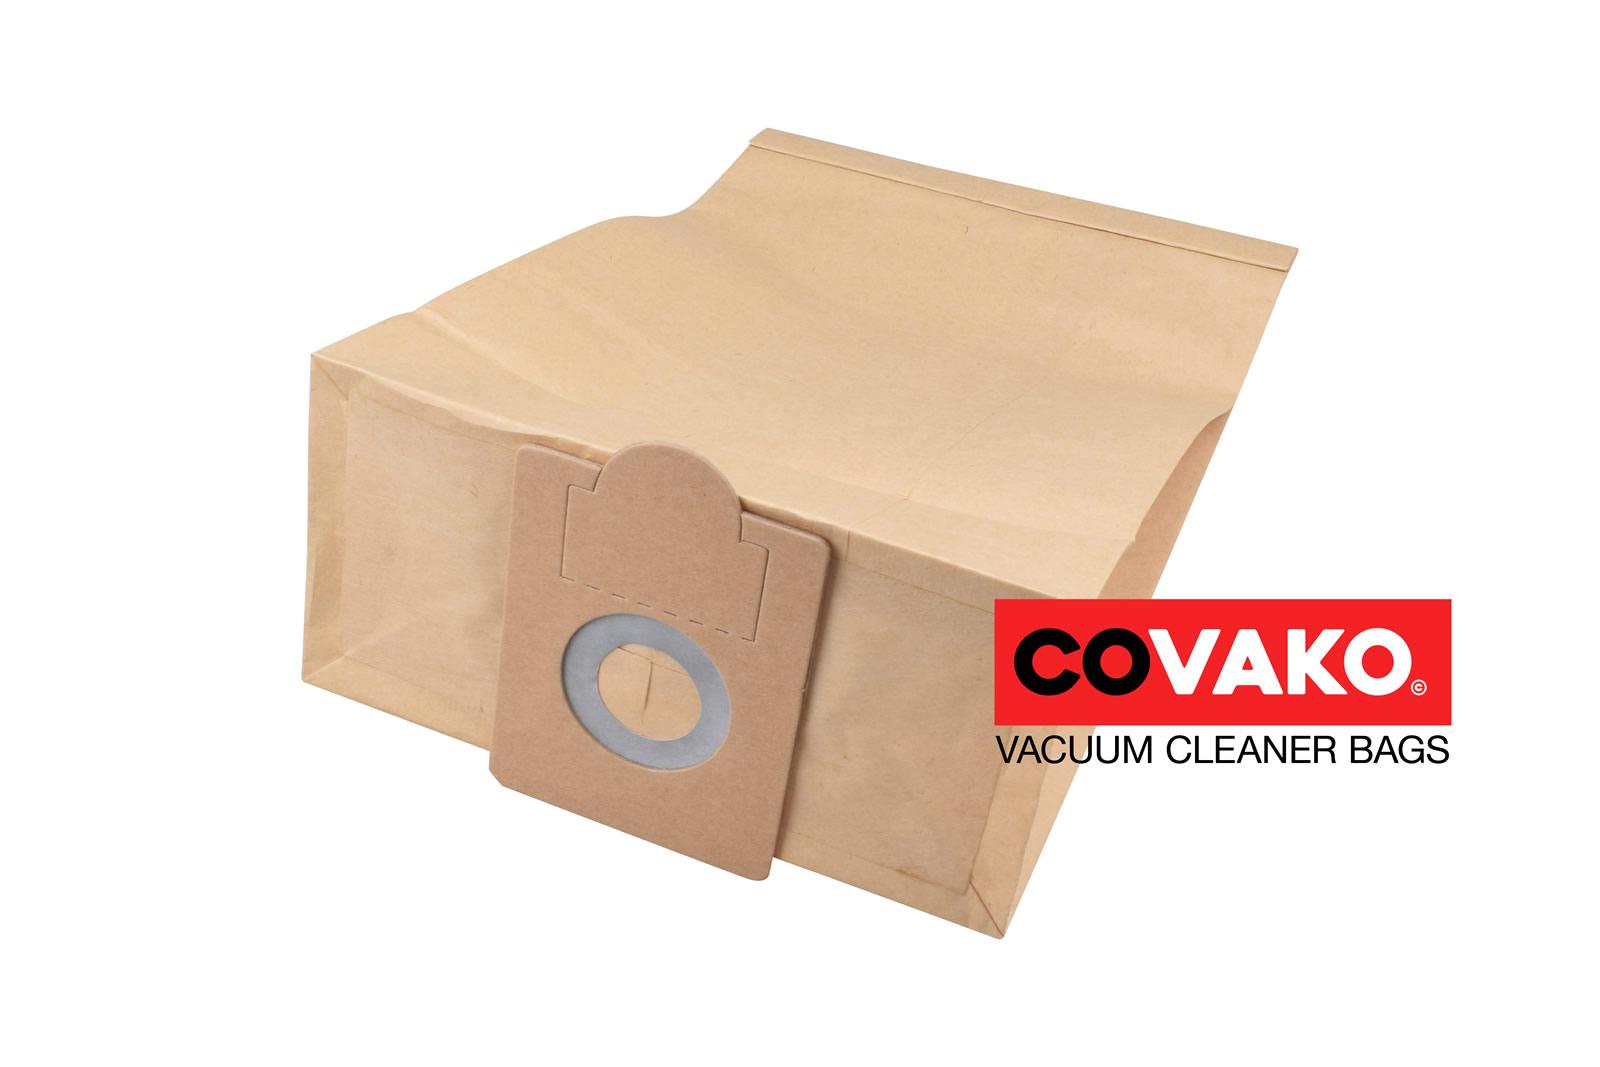 Fakir S 12 / Paper - Fakir vacuum cleaner bags